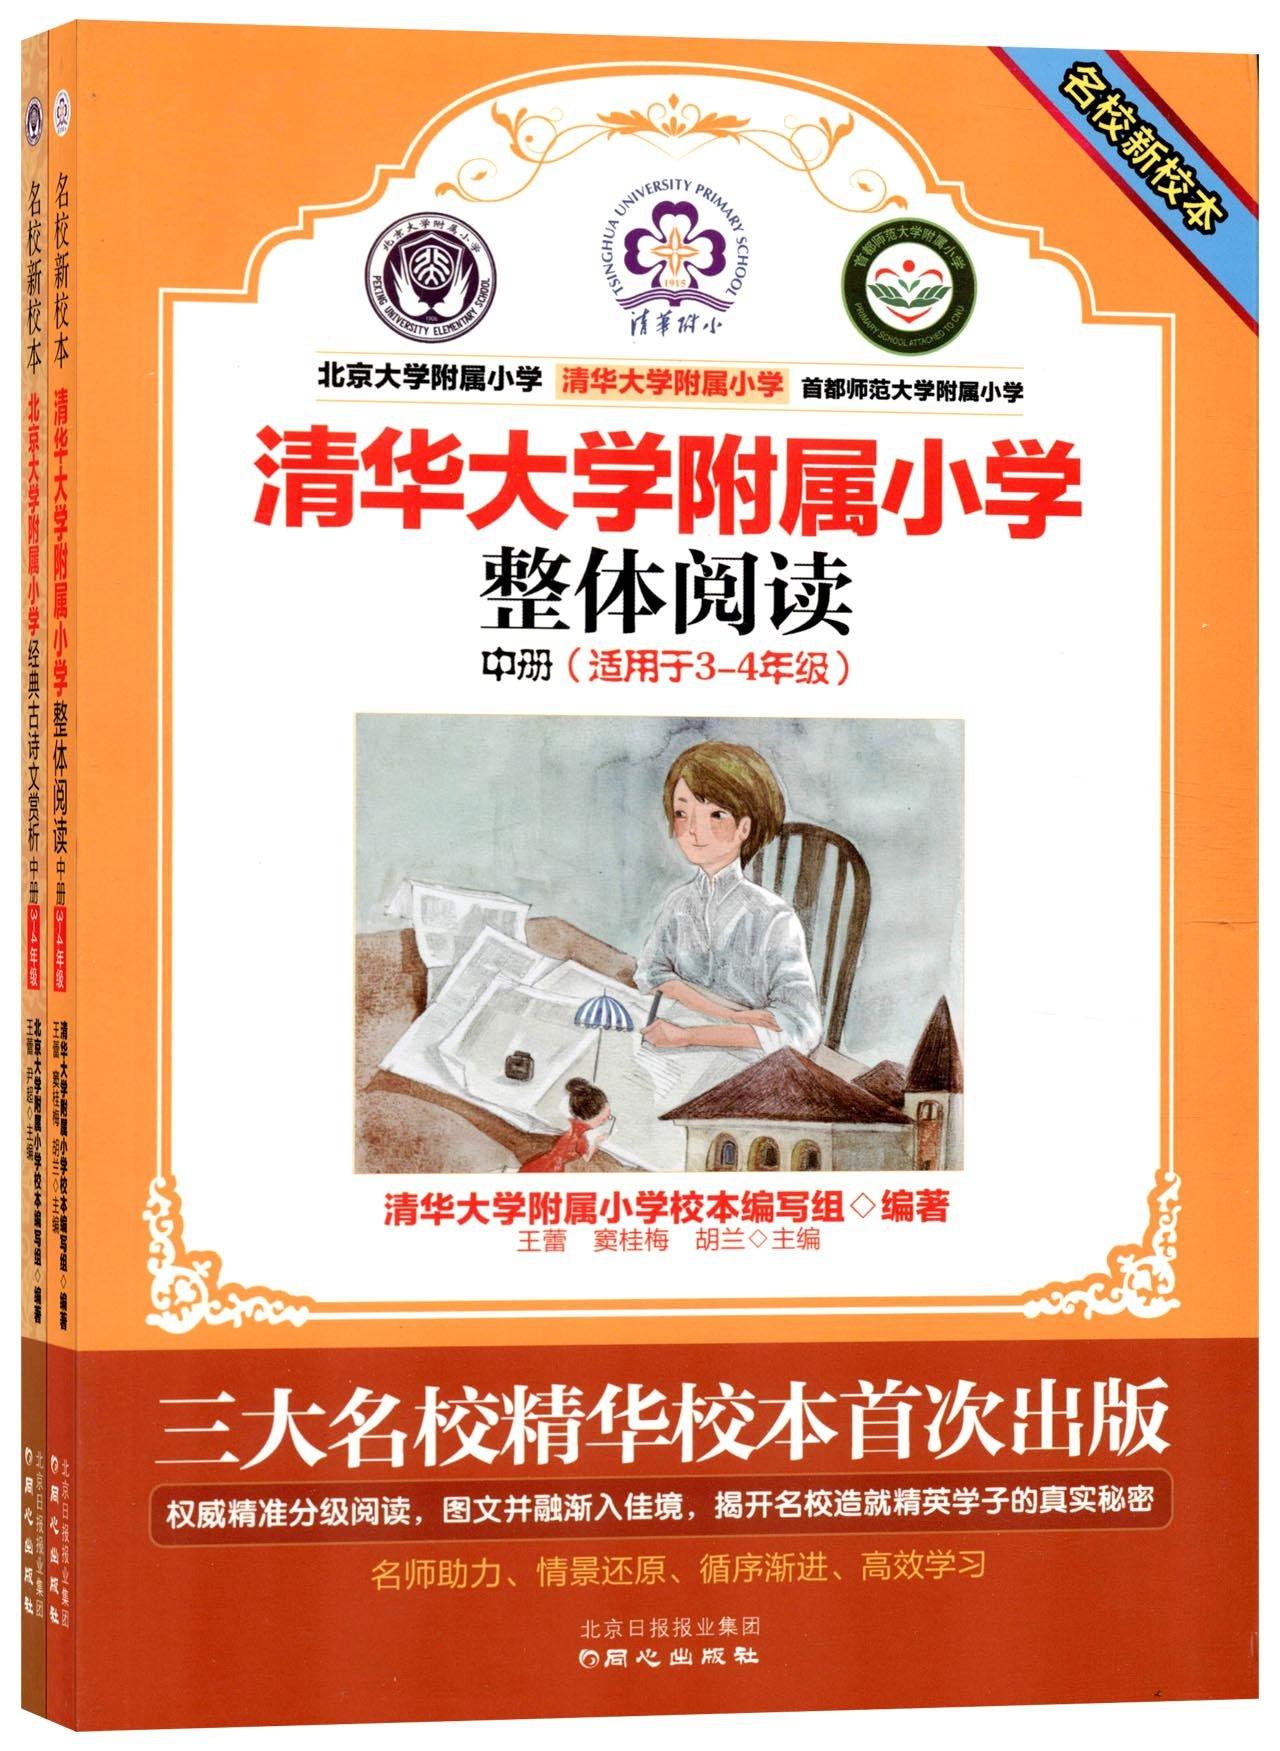 整体新名校清华大学v整体校本:残疾阅读+北京大小学小学生图片